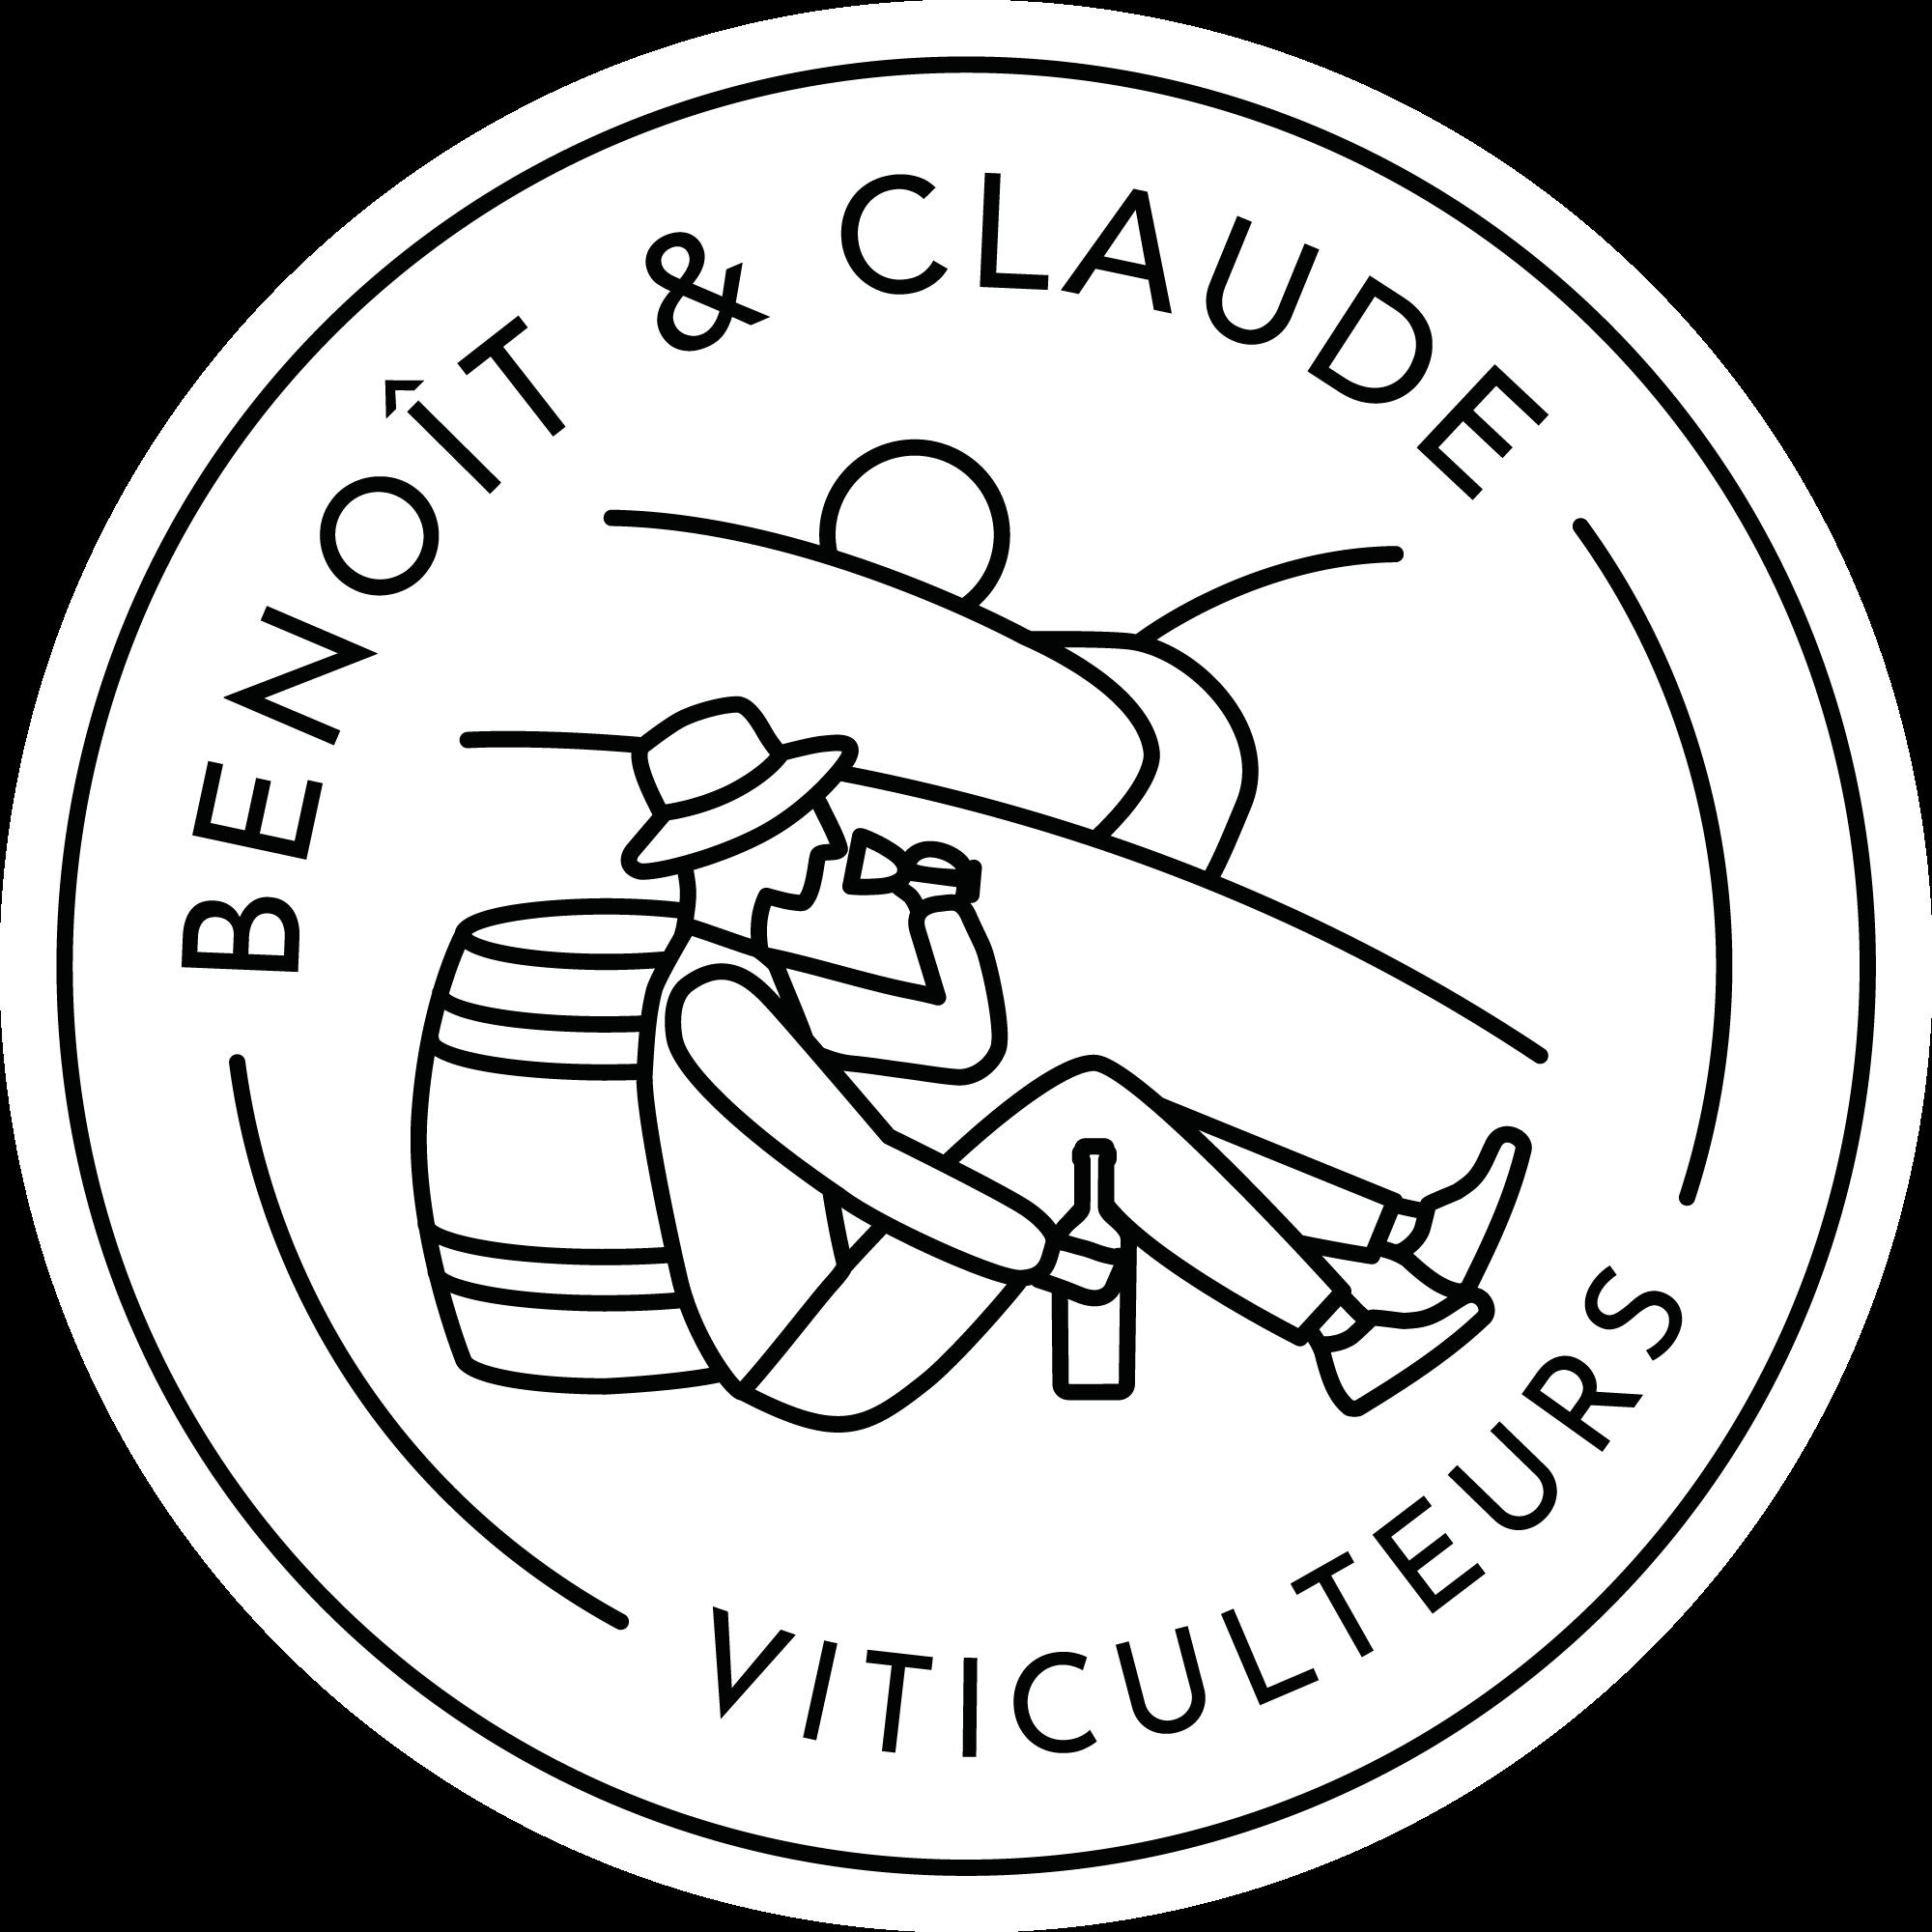 Benoit & Claude